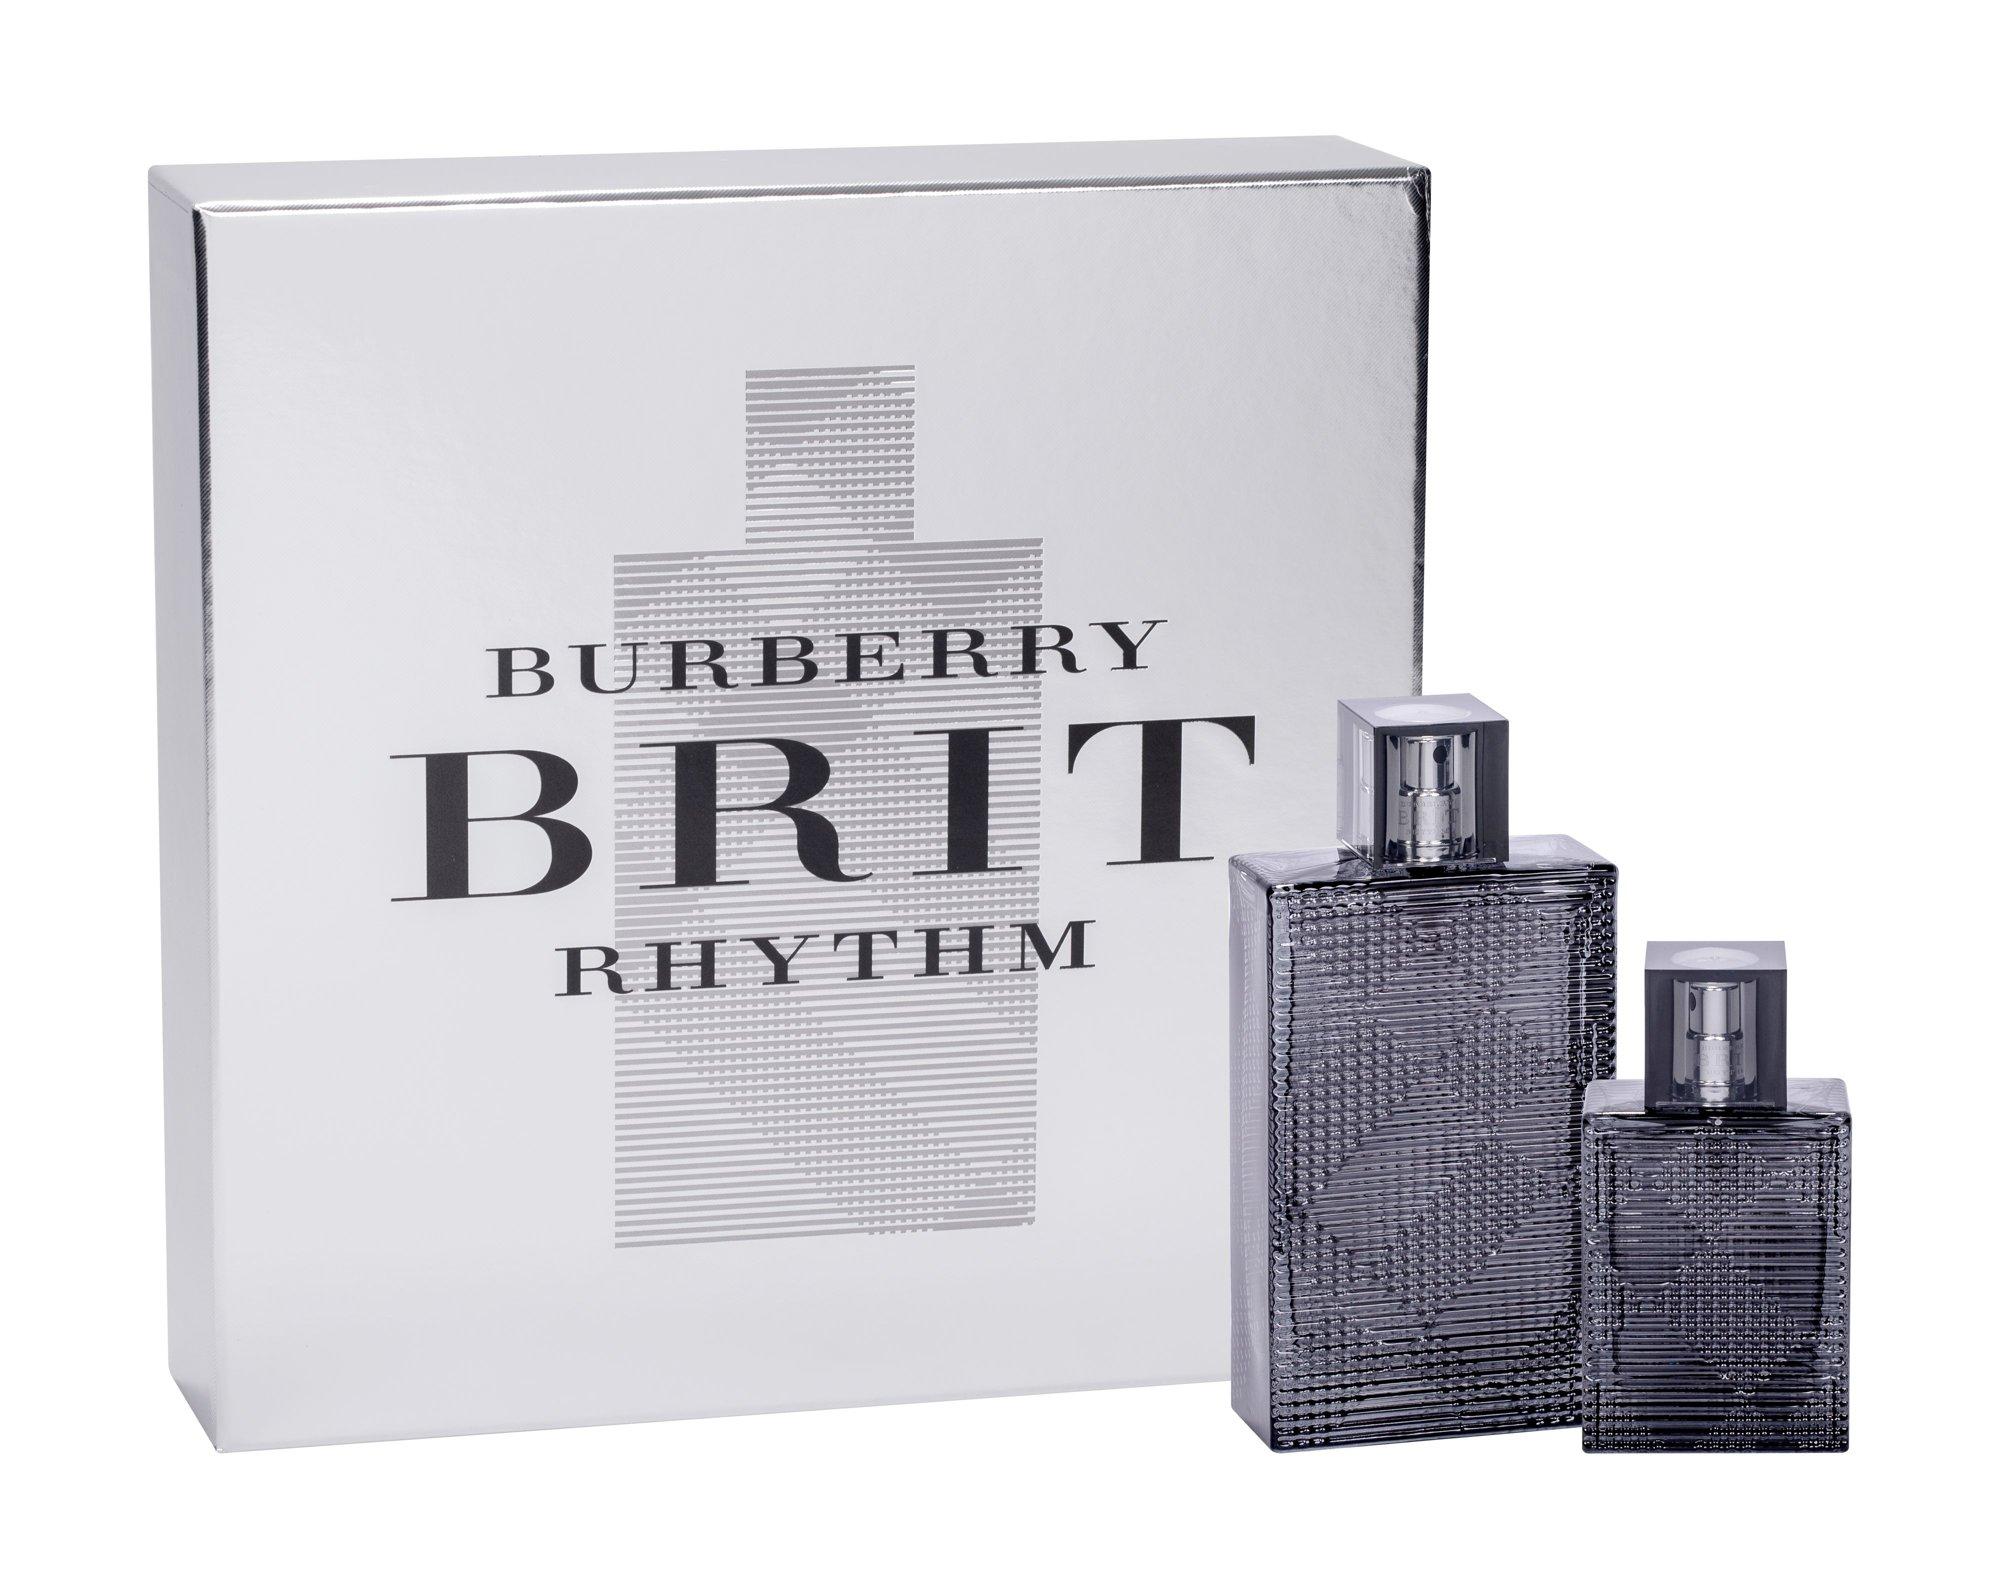 Burberry Brit Eau de Toilette 90ml